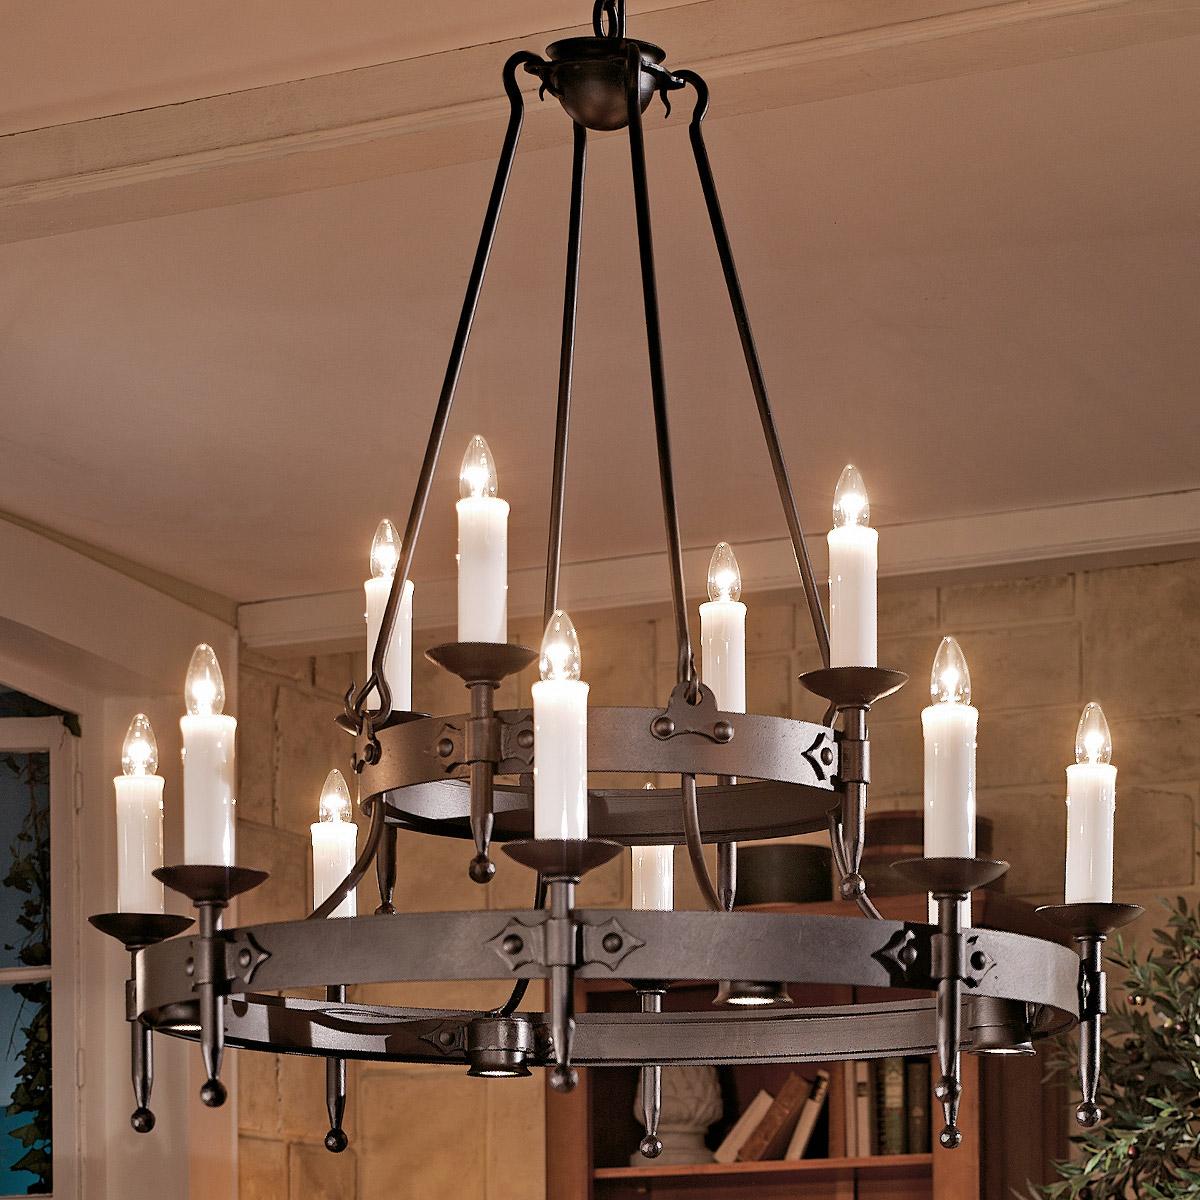 robers lighting best home design 2018. Black Bedroom Furniture Sets. Home Design Ideas